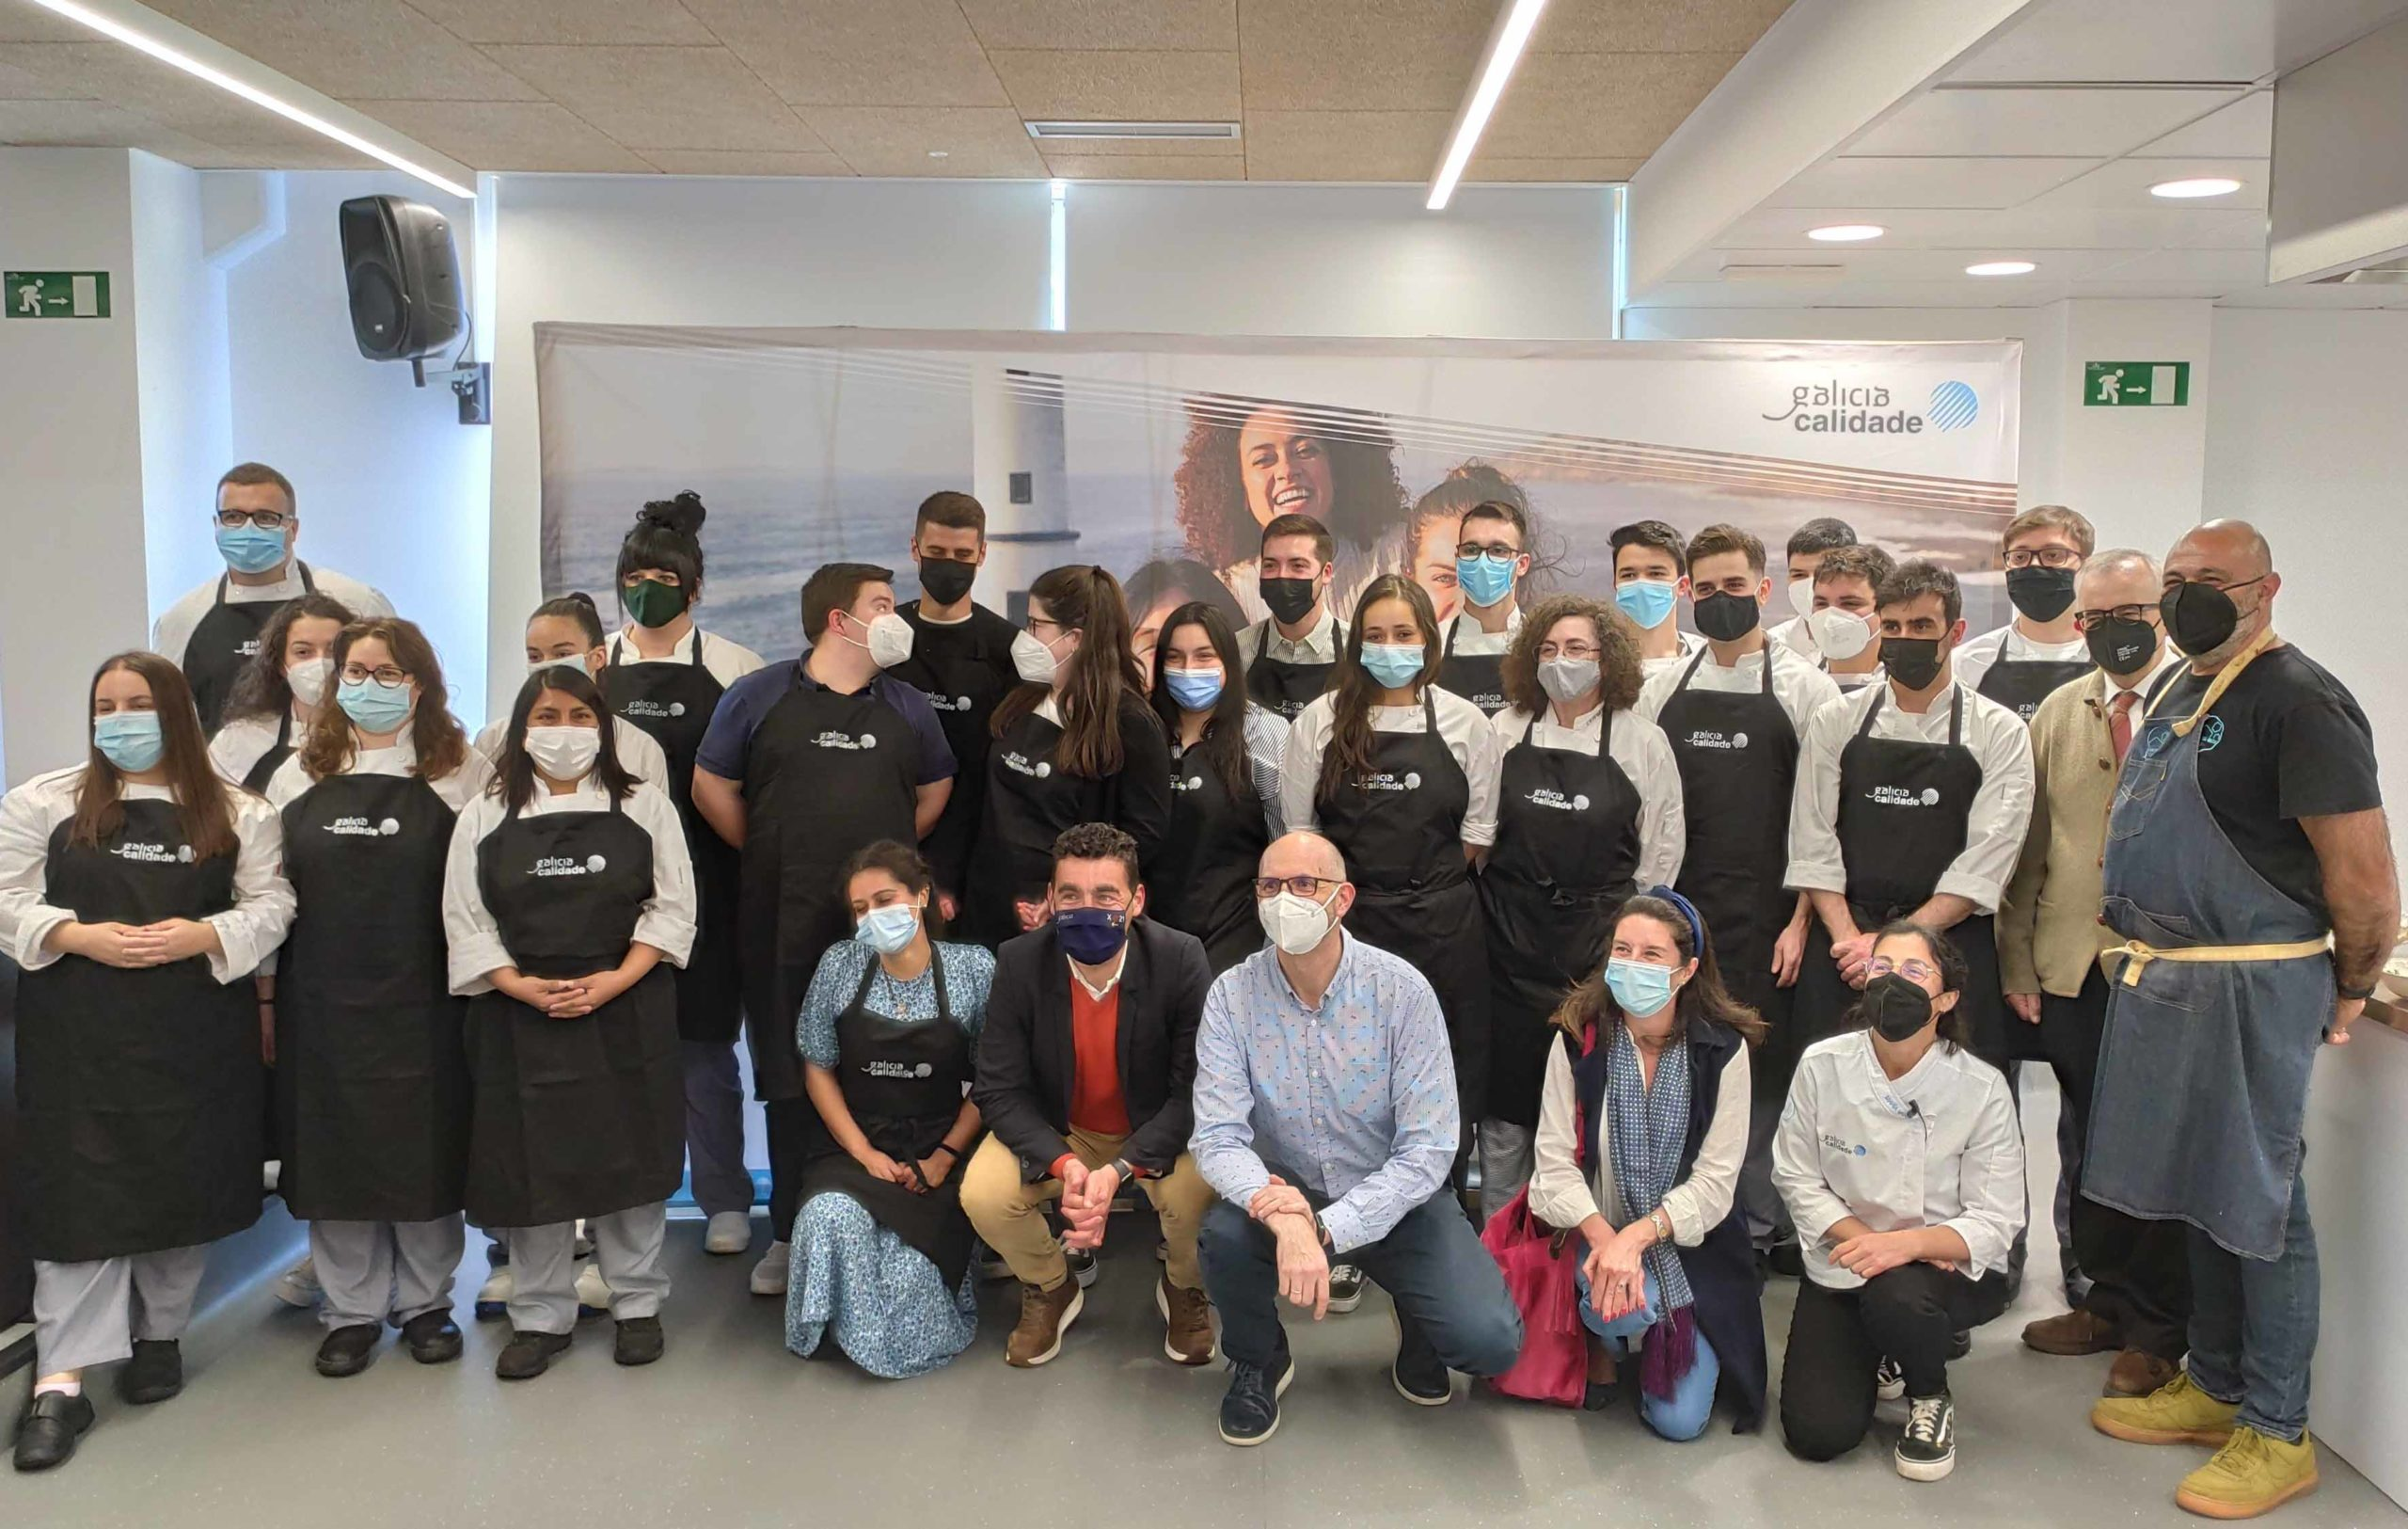 El 'Aula Gastronómica Galicia Calidade' continúa su periplo por las escuelas de Hostelería